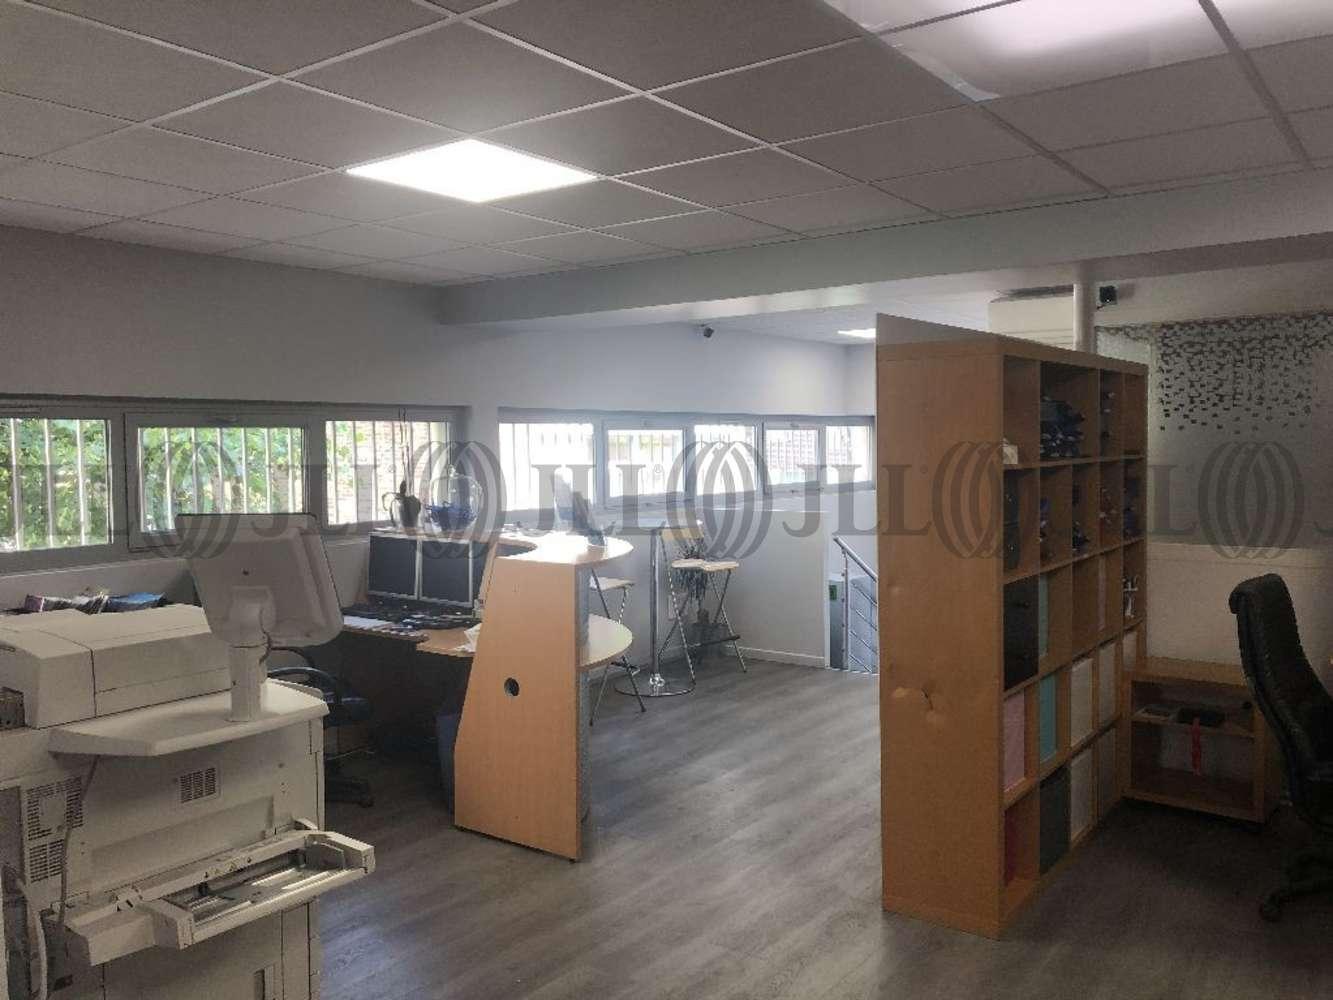 Activités/entrepôt Courbevoie, 92400 - 24 RUE CARLE HEBERT